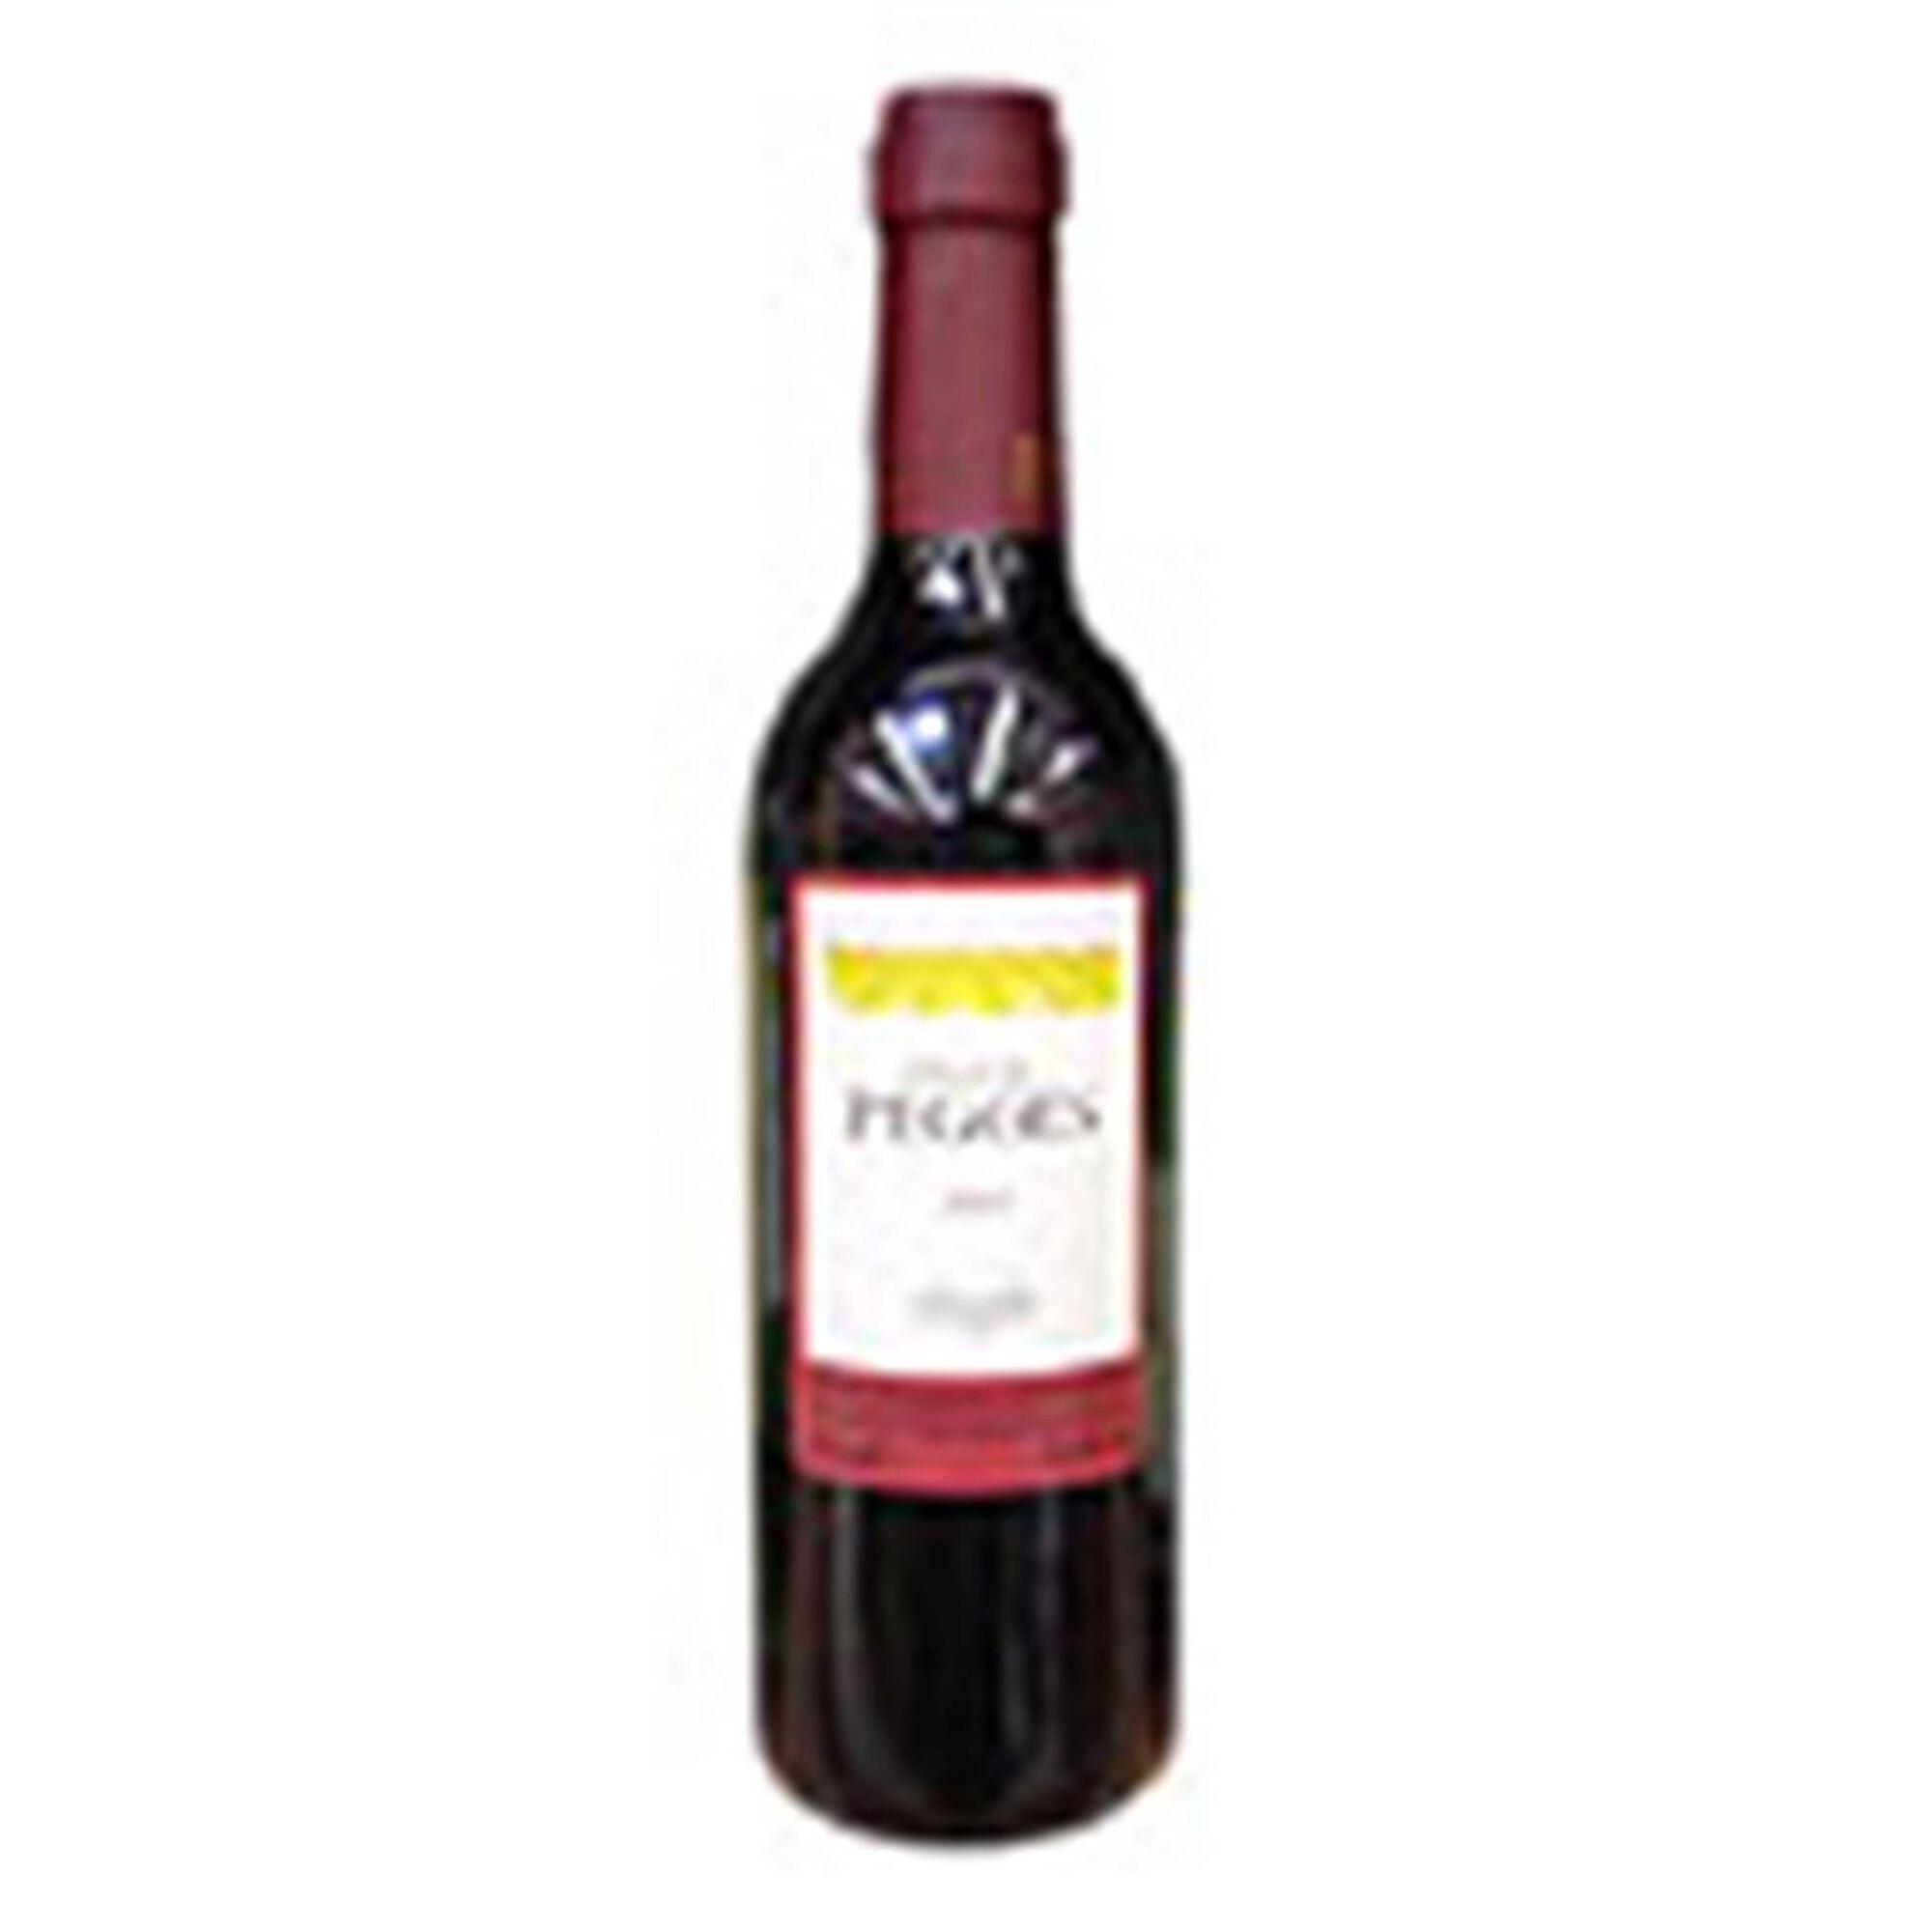 Adega de Pegões Regional Península de Setúbal Vinho Tinto